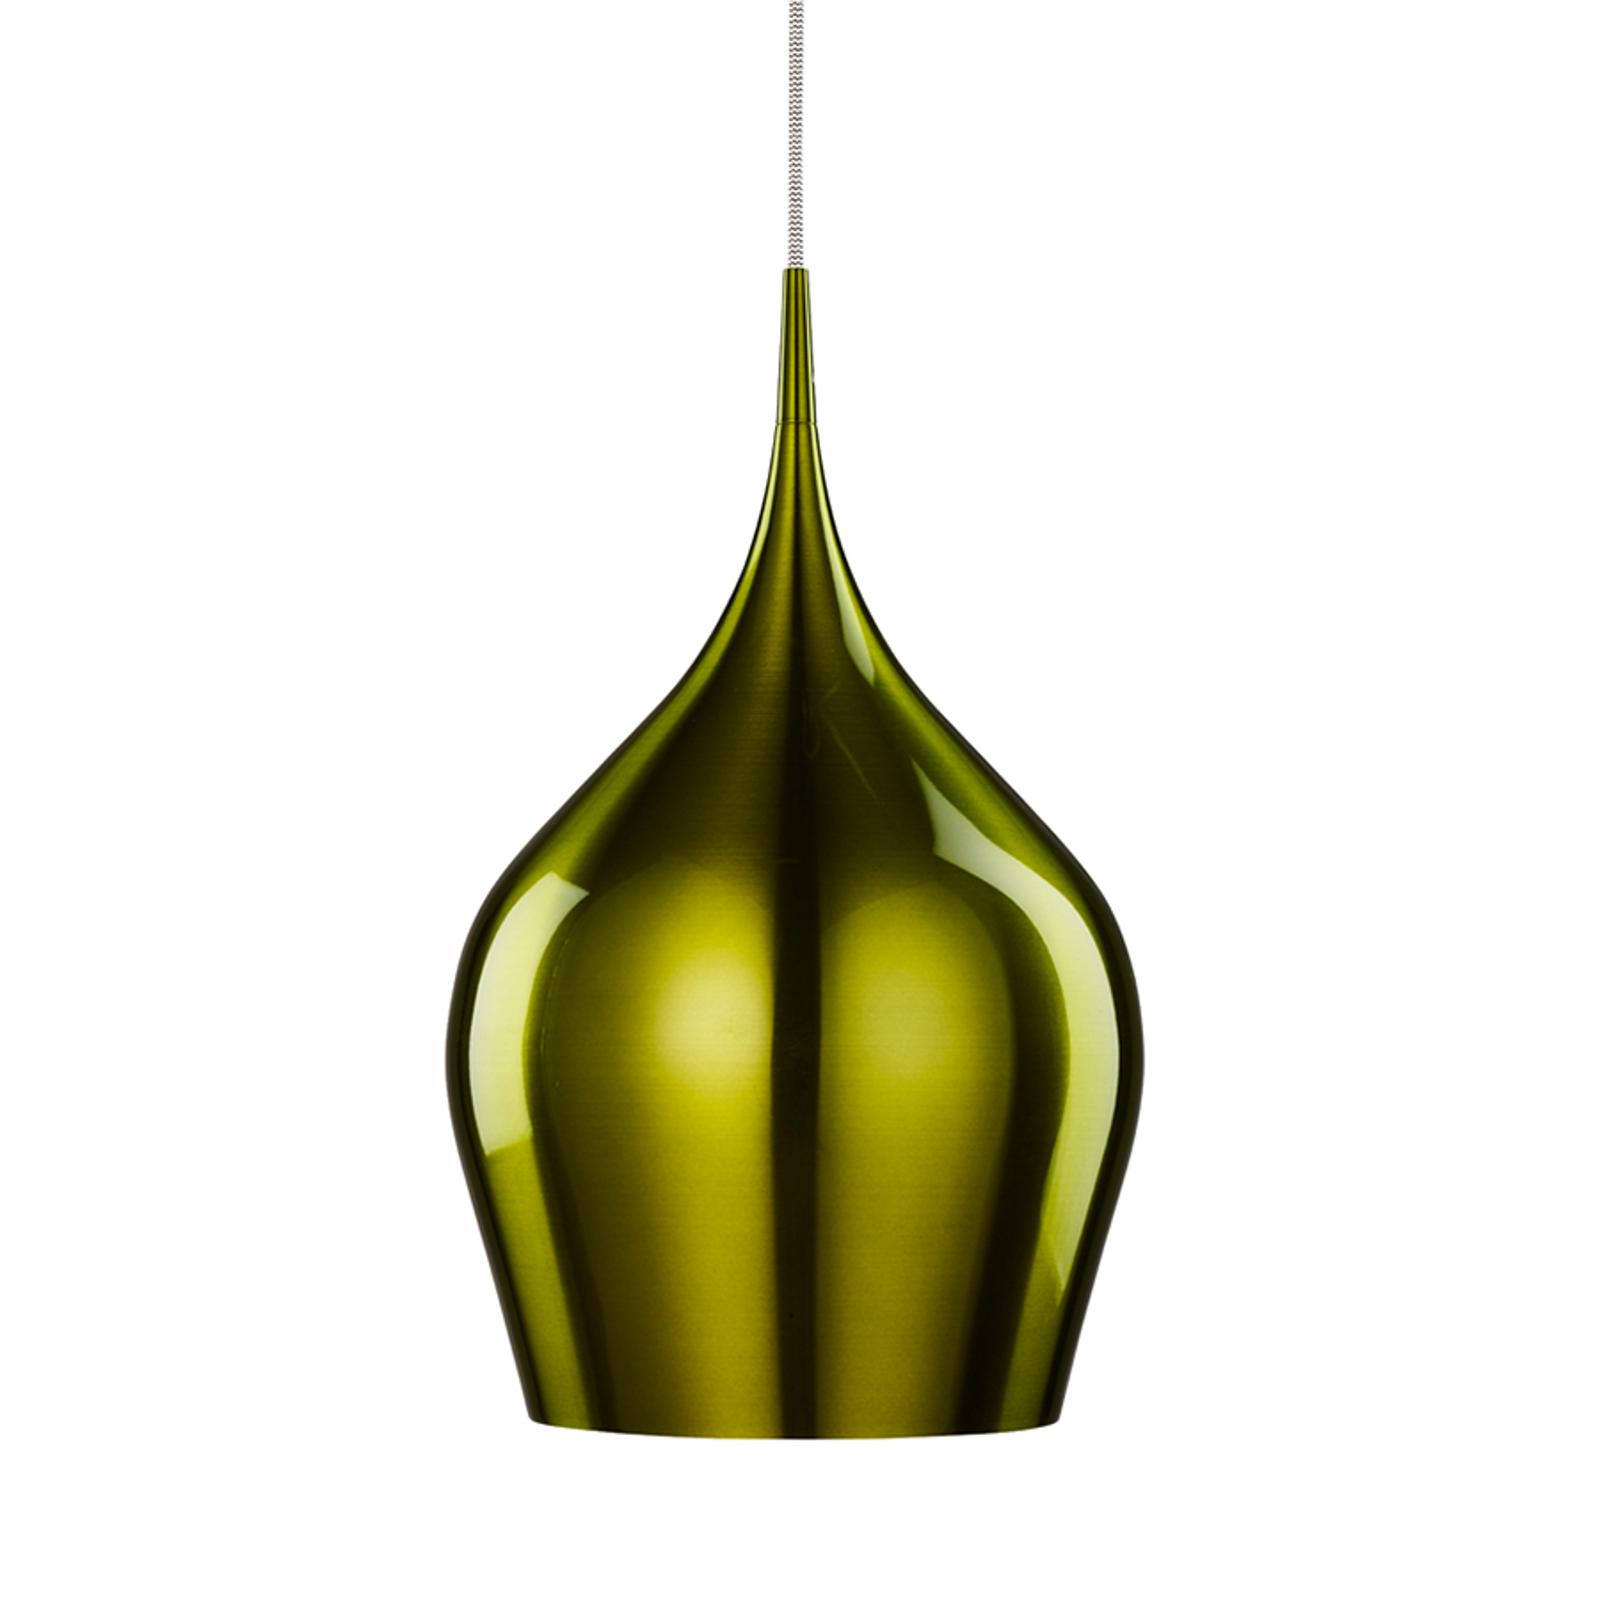 Lampa wisząca Vibrant w pięknym, zielonym kolorze